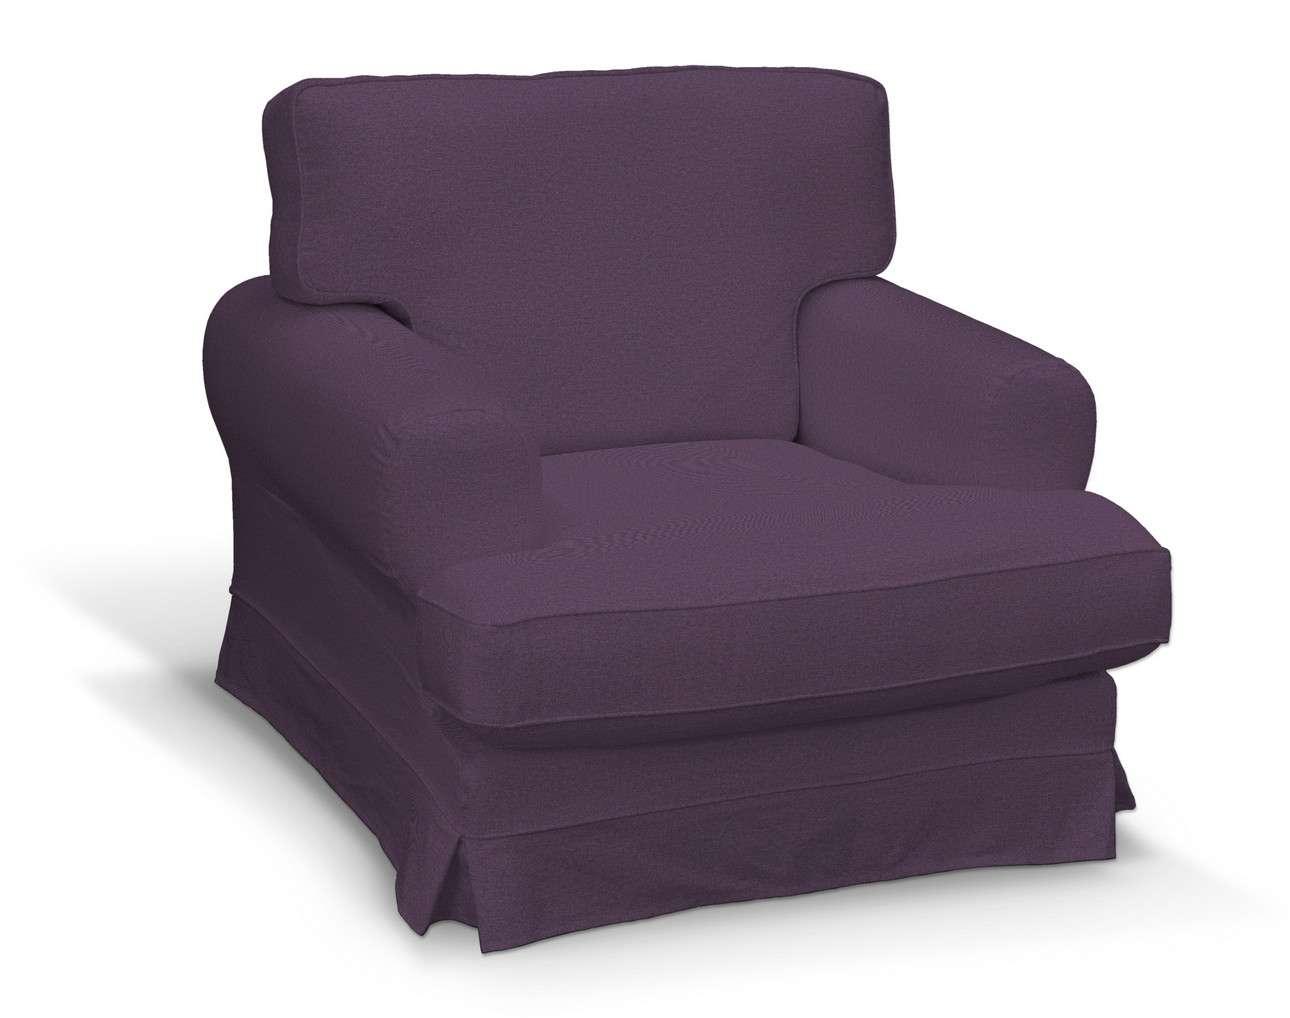 Pokrowiec na fotel Ekeskog w kolekcji Etna, tkanina: 161-27